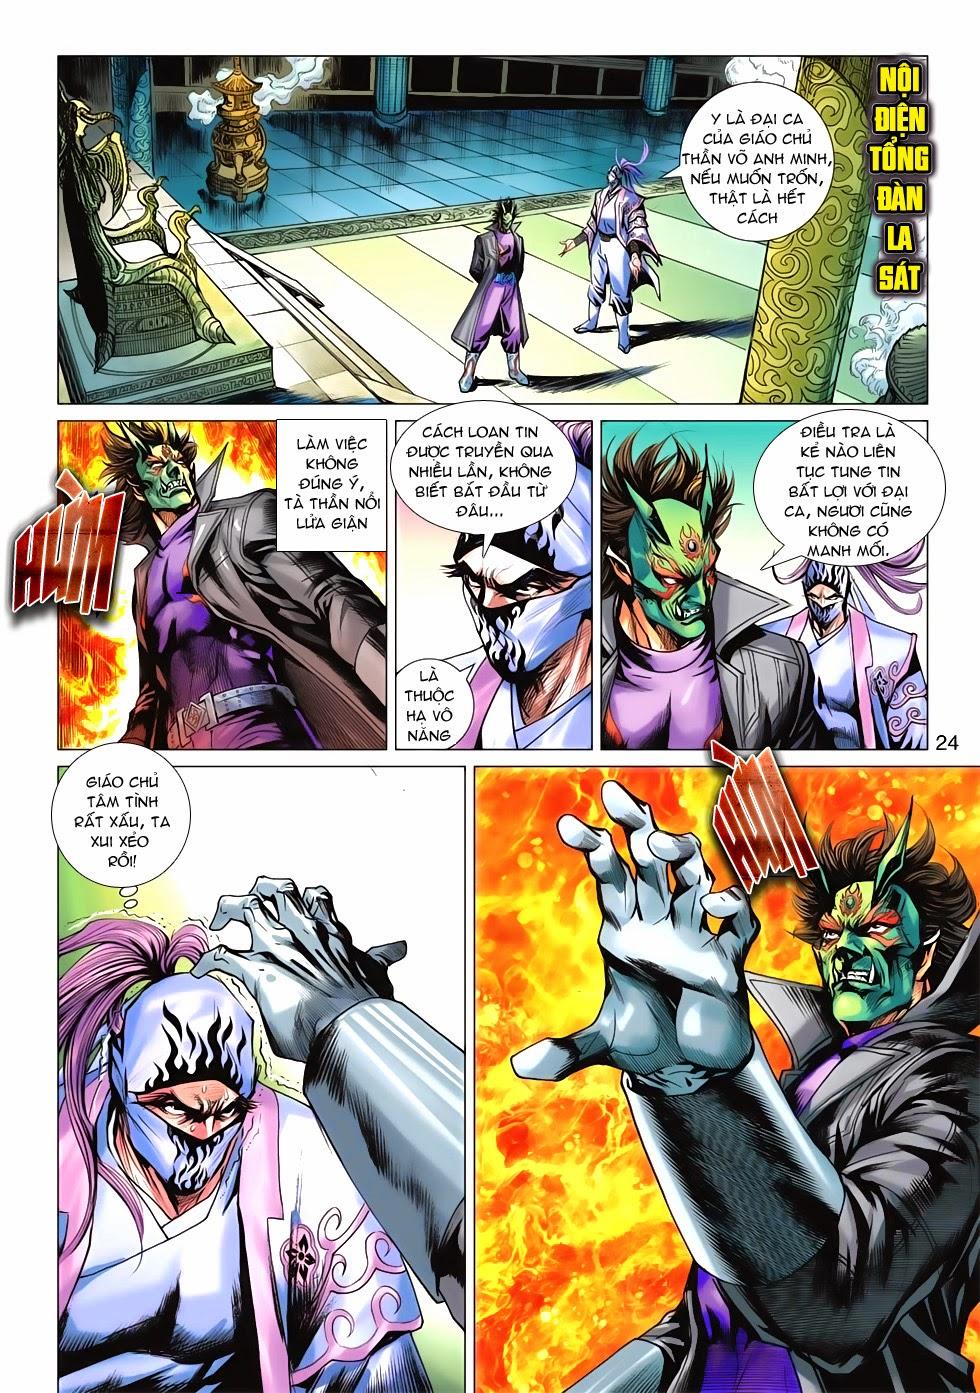 Tân Tác Long Hổ Môn chap 675 - Trang 23